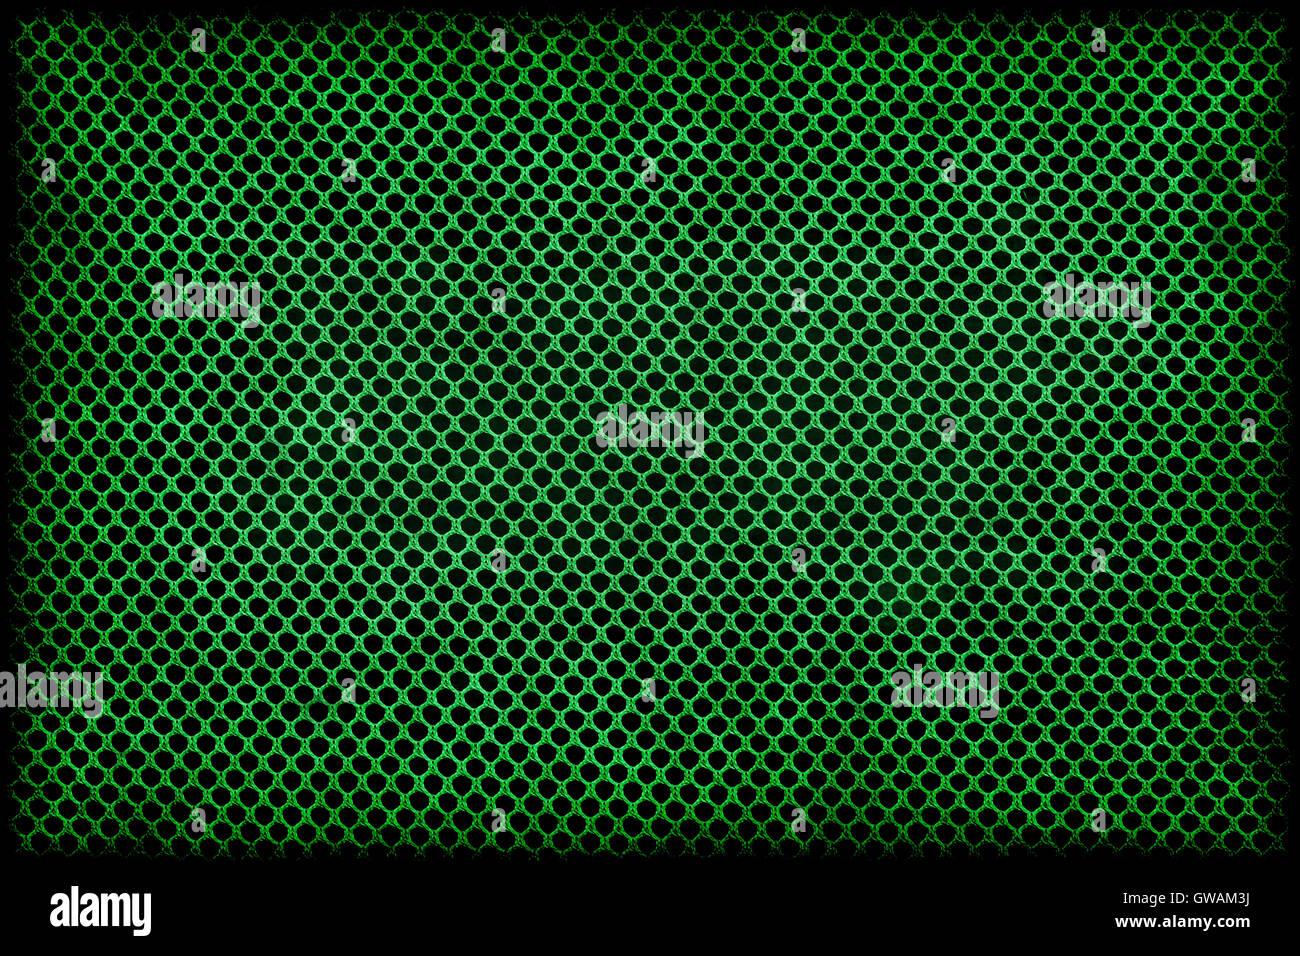 Marco o borde: verde grunge patrón de cuadrícula wattled textiles de ...